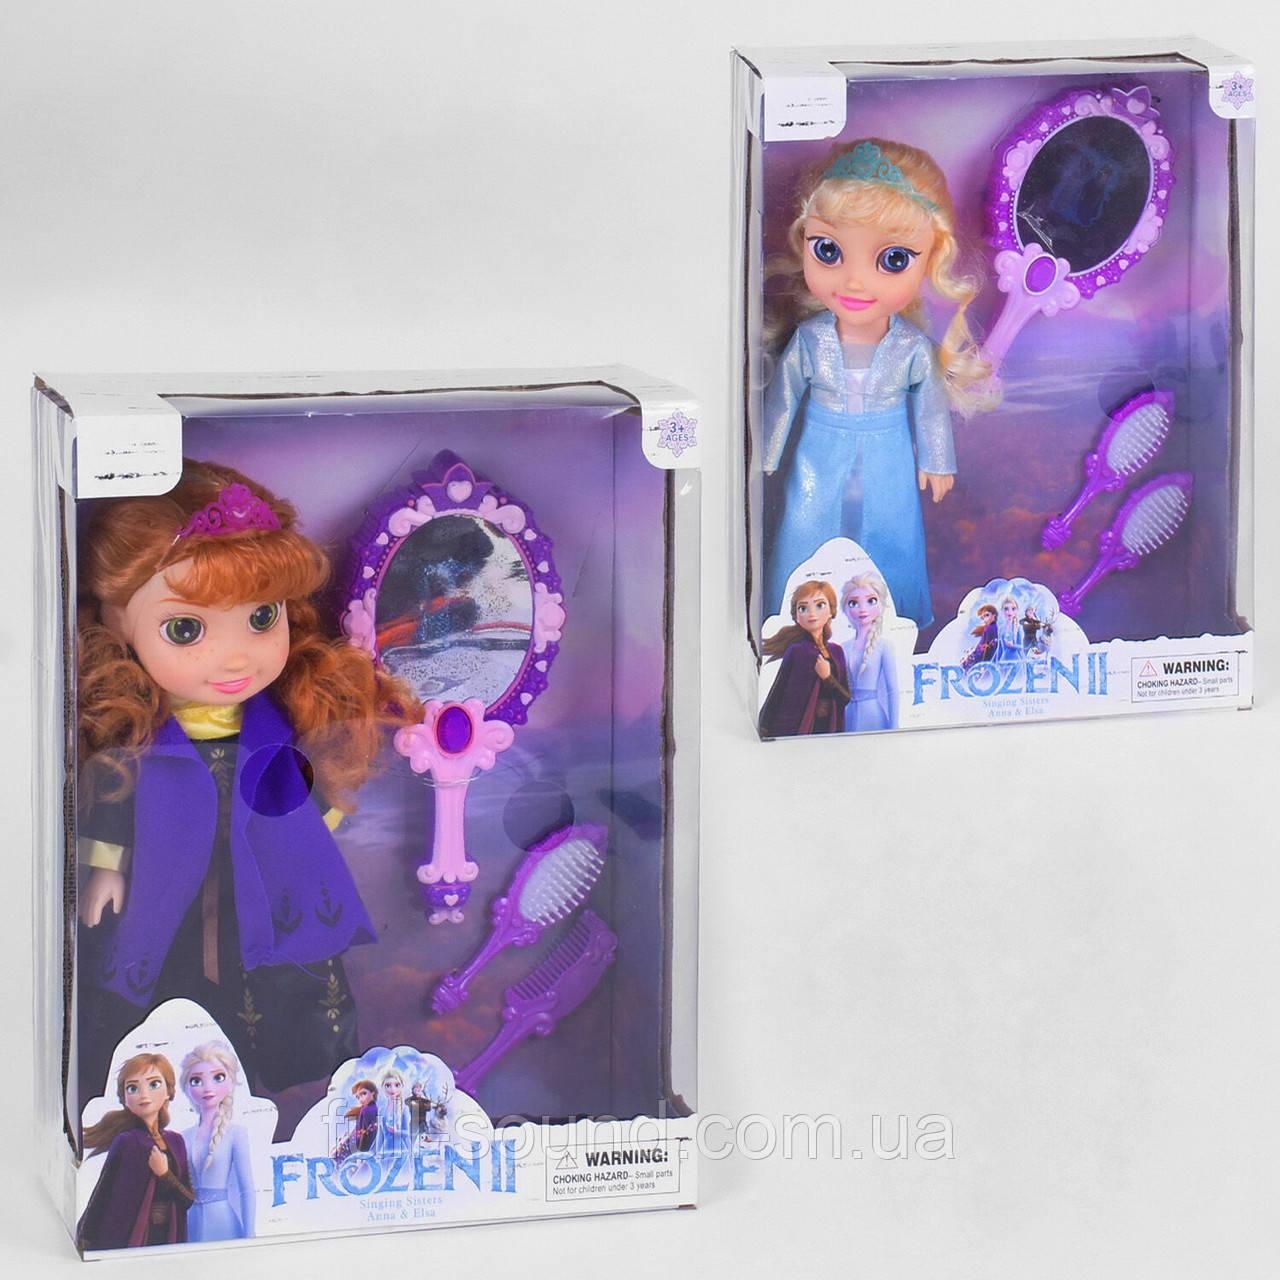 Музыкальная кукла frozen 2 с аксессуарами 8690